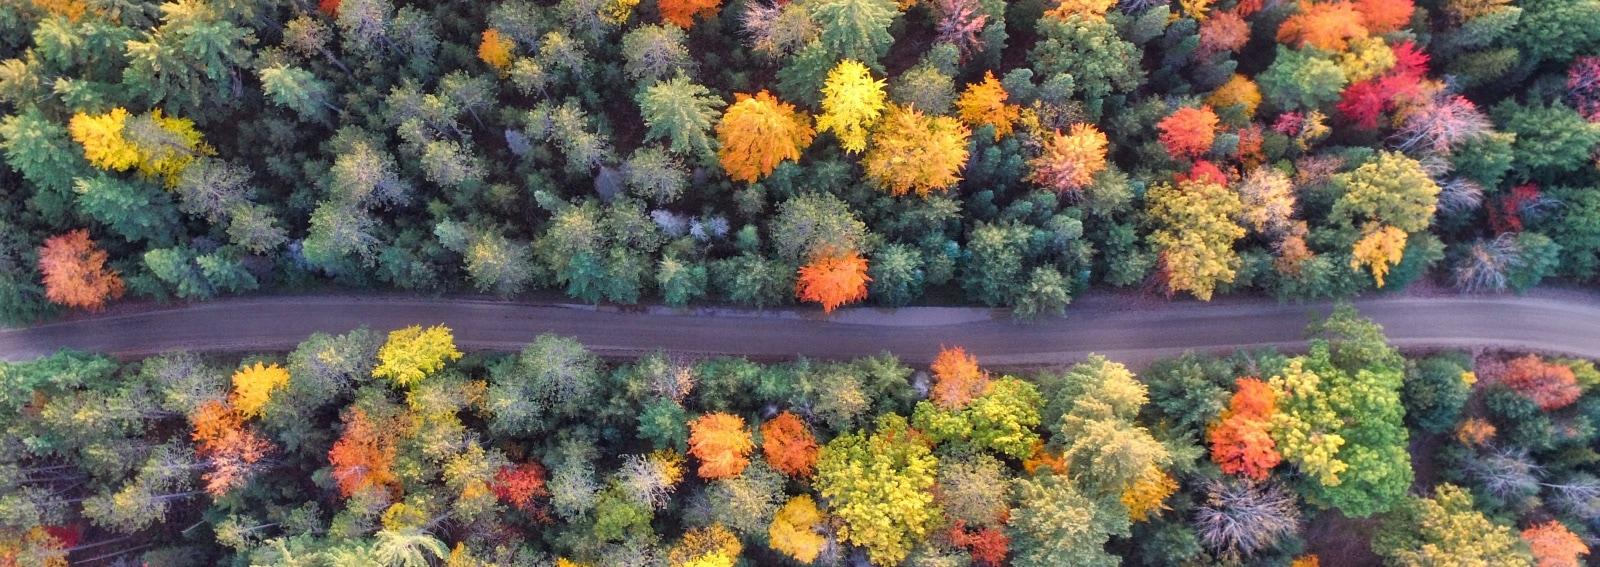 aaron-burden-Qy-autunno-unsplash